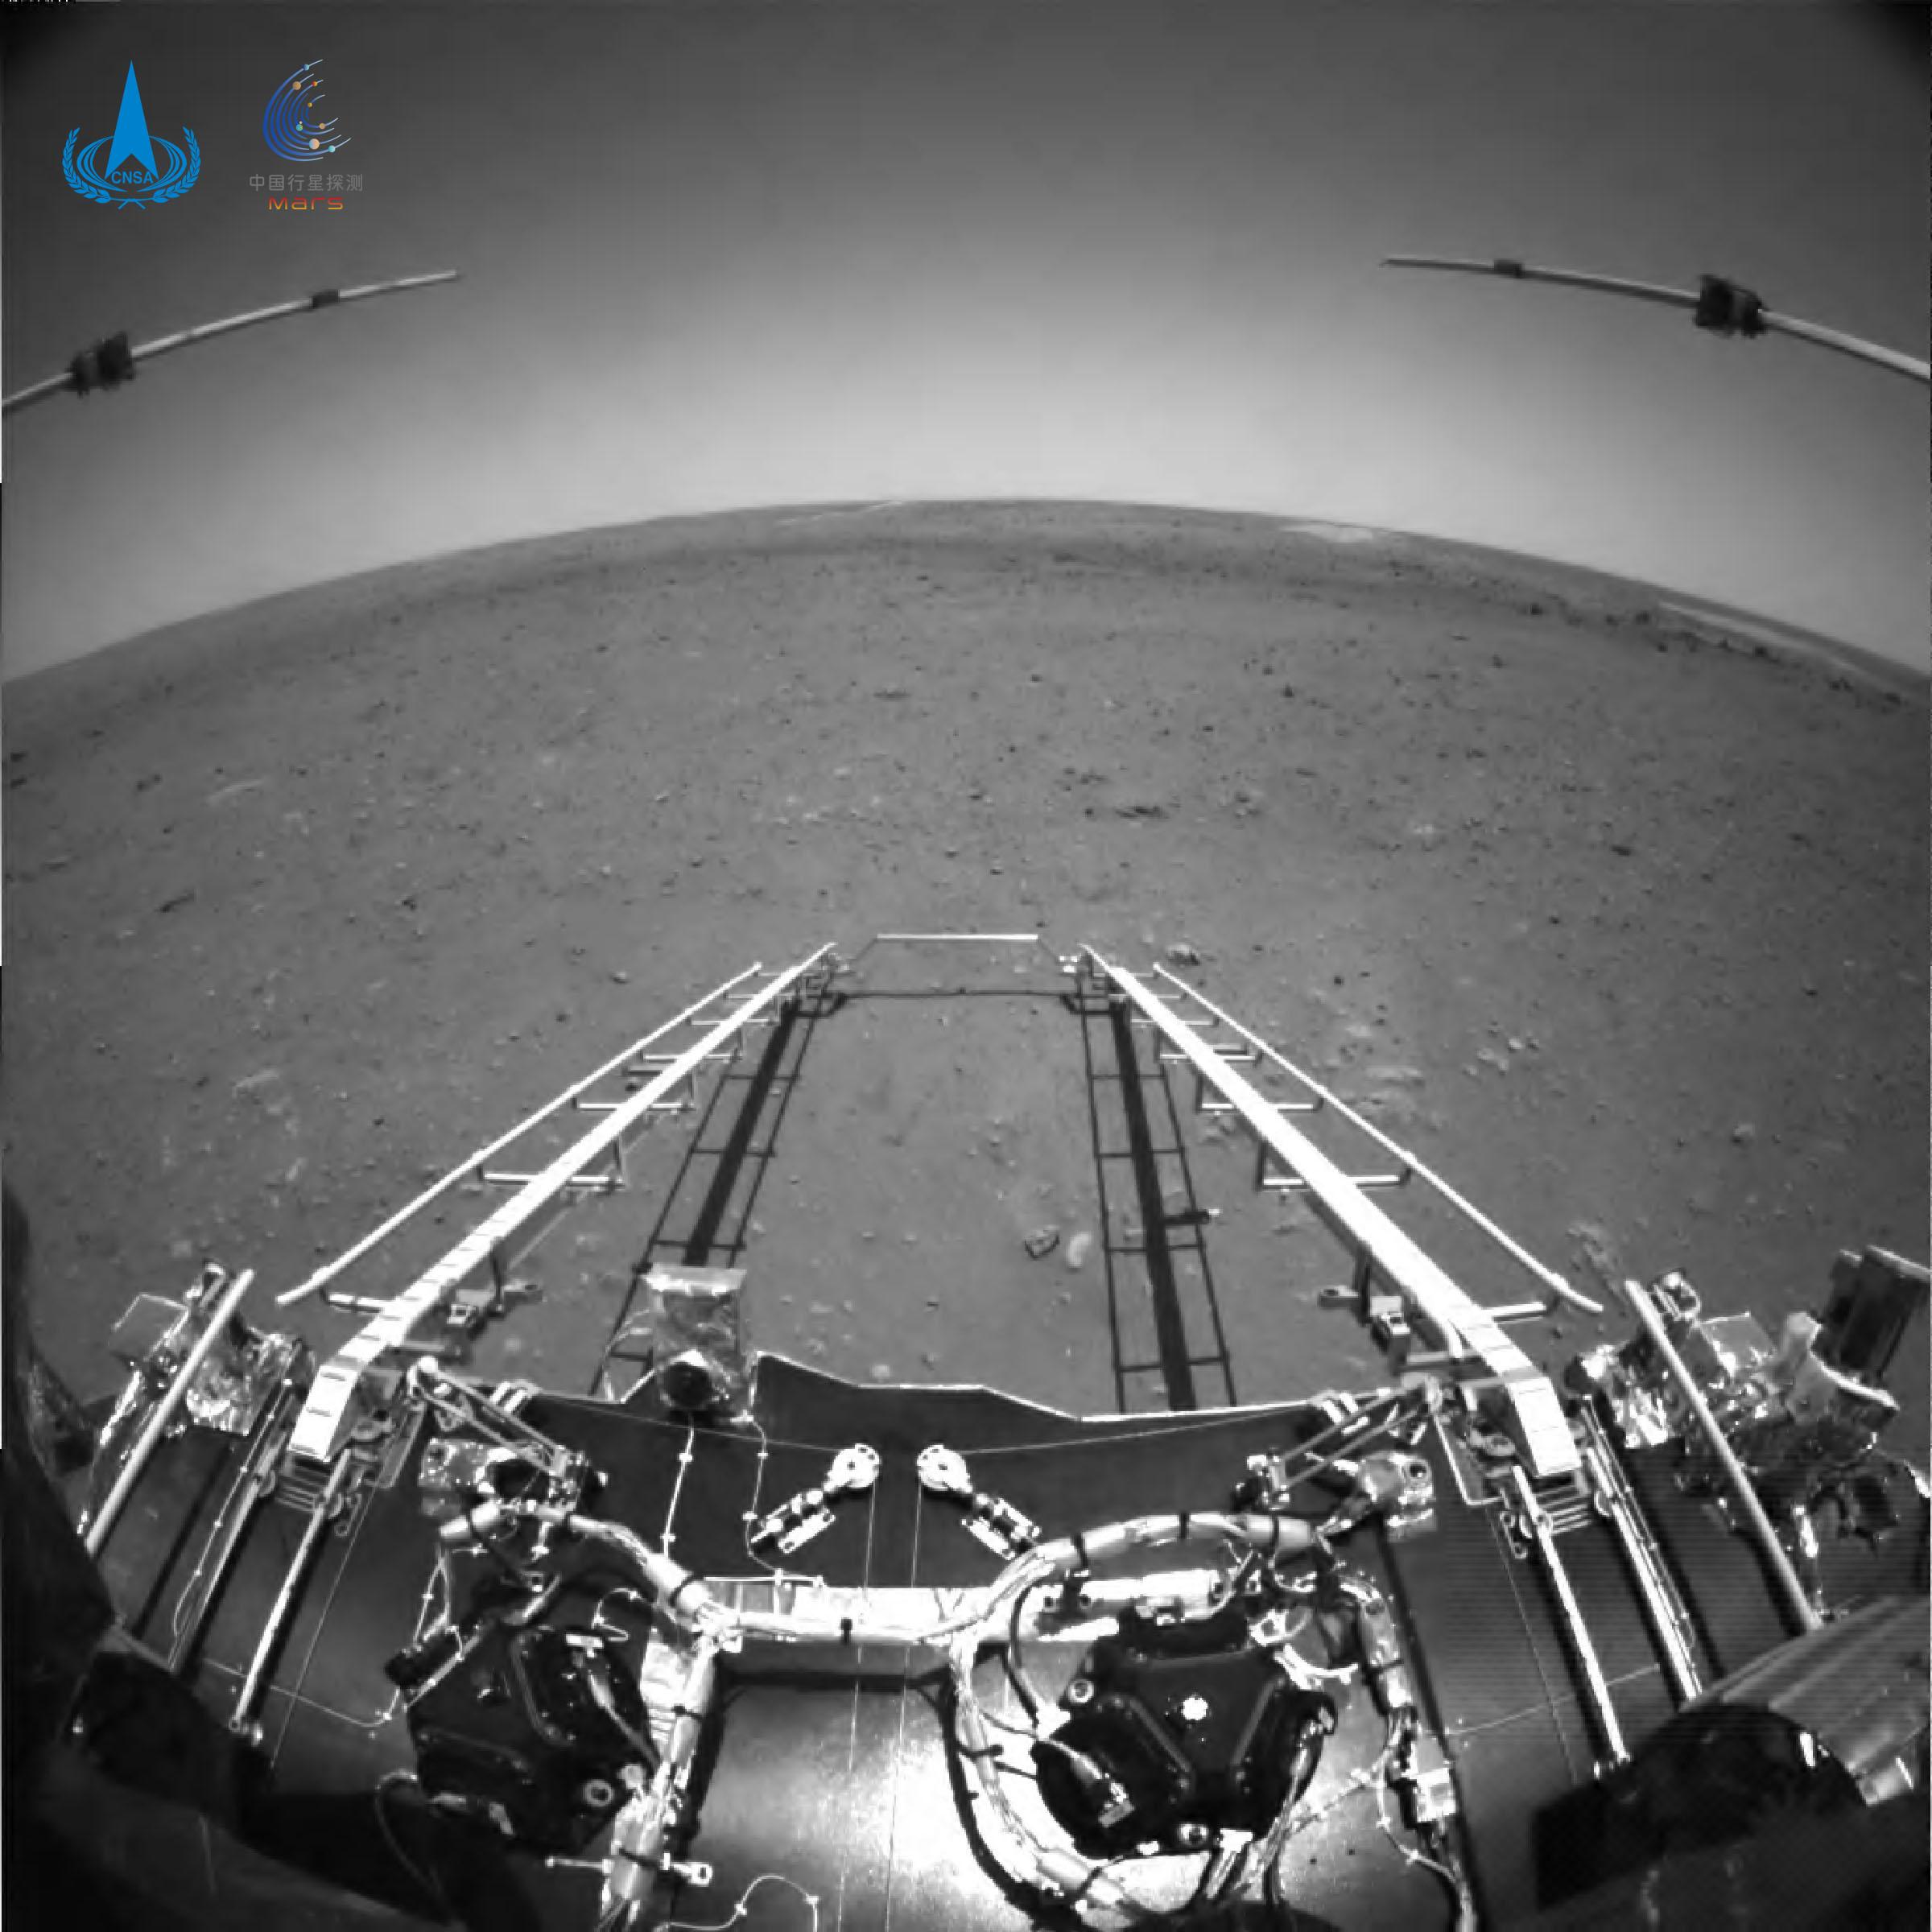 Tento černobílý pohled na Mars je fotografie z navigační kamery na čínském marsovském vozidle Zhurong zveřejněná 19. května 2021 asi 4 dny po přistání. Je vidět rampa na marťanský povrch z Zhurongova přistávacího modulu, stejně jako dva podpovrchové radarové přístroje na roveru a marťanský horizont v širokoúhlém pohledu. (Credit: Čínský národní vesmírný úřad)